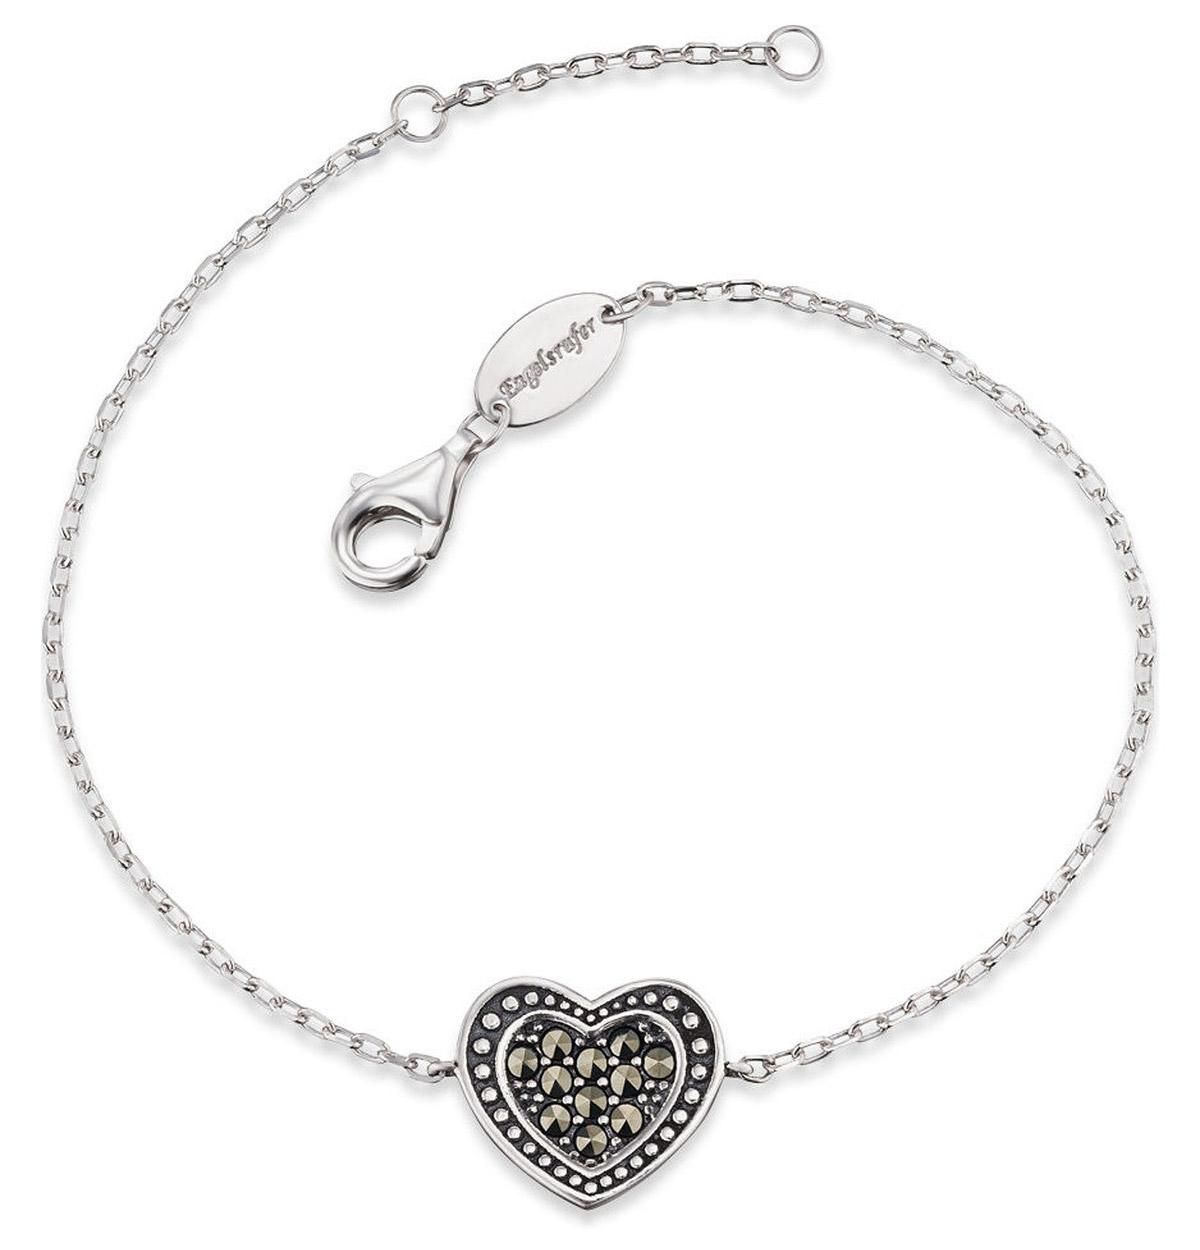 bei Uhrcenter: Engelsrufer ERB-HEART-MA Damen-Armband Herz Markasit - Schmuck